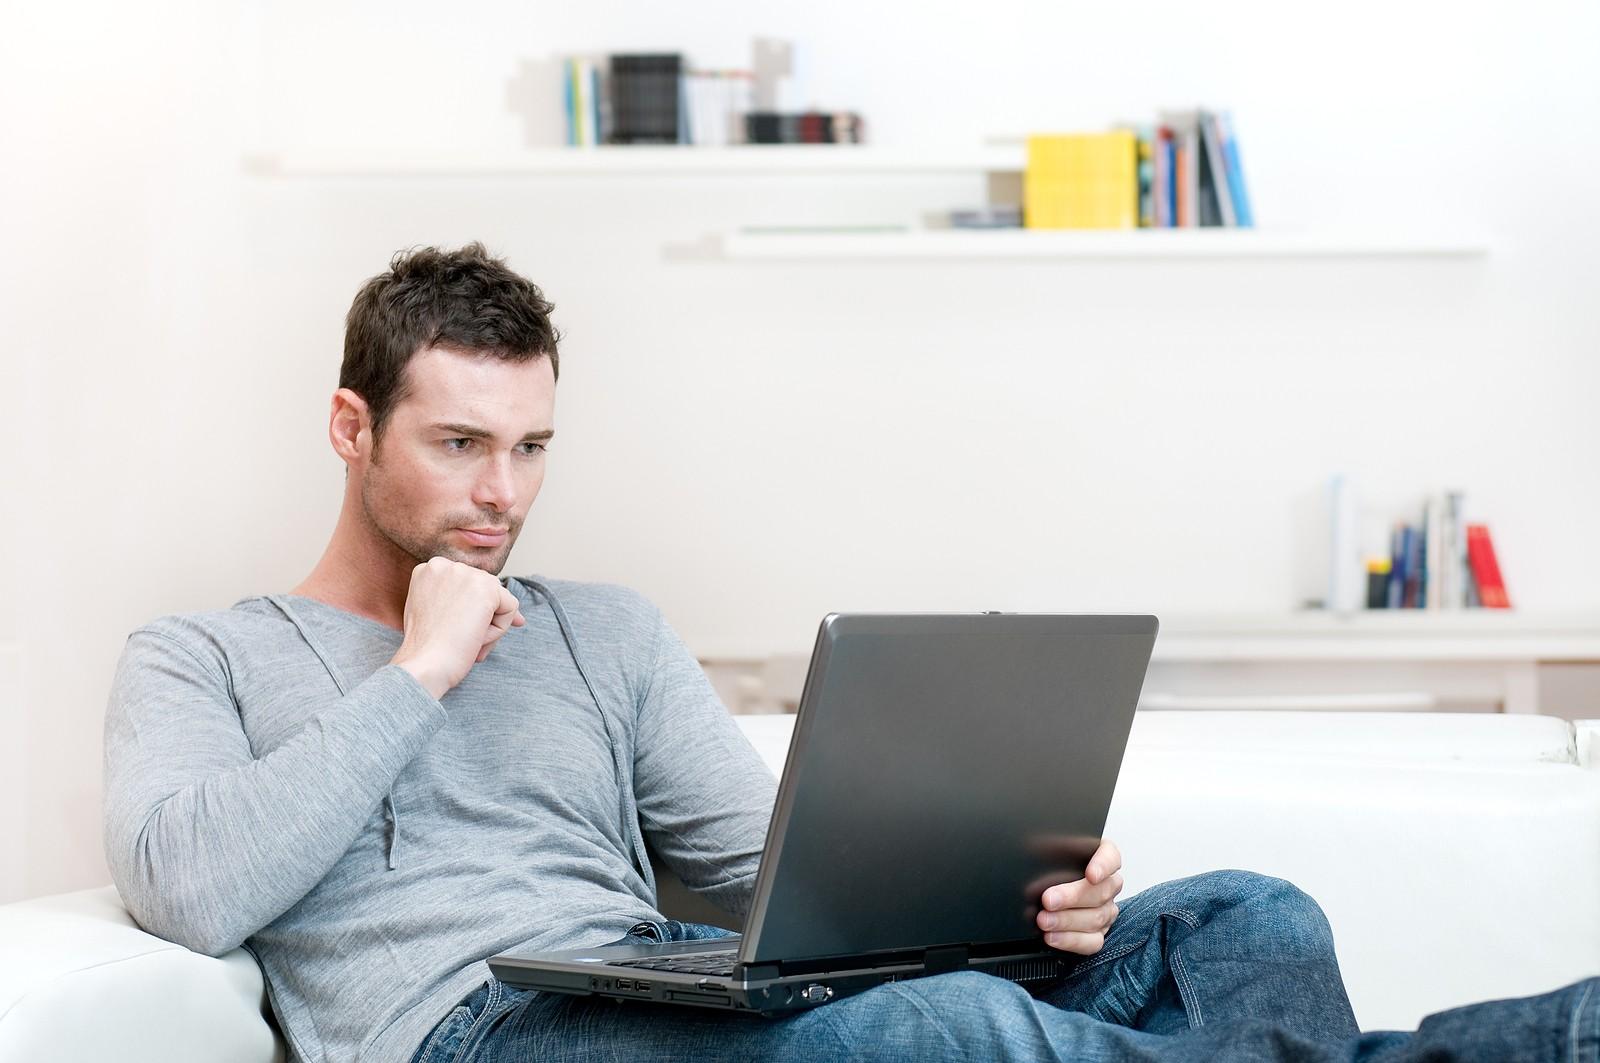 Мужчина с ноутбуком сидит на диване